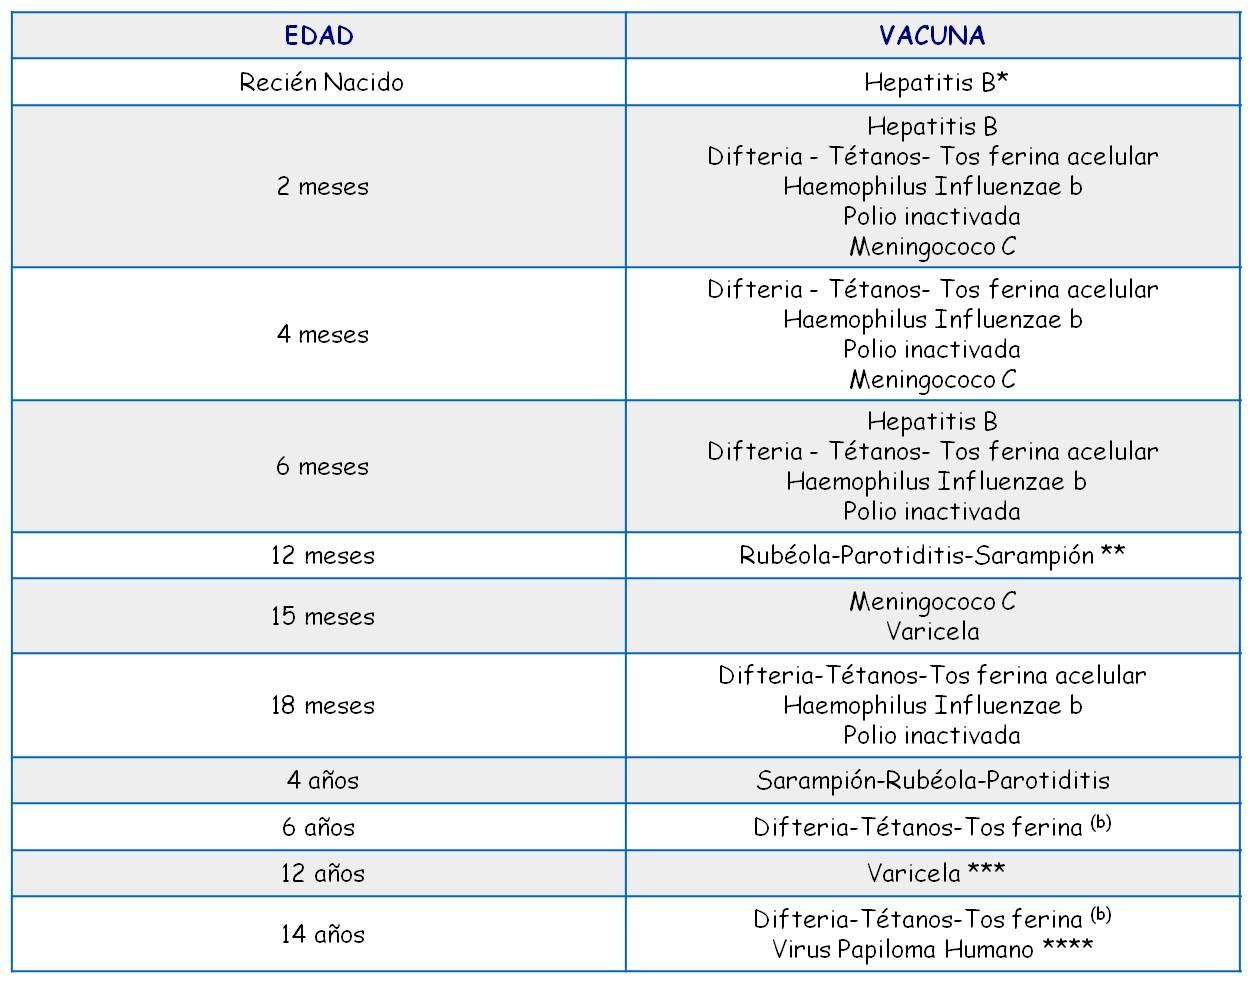 tablas de vacunas